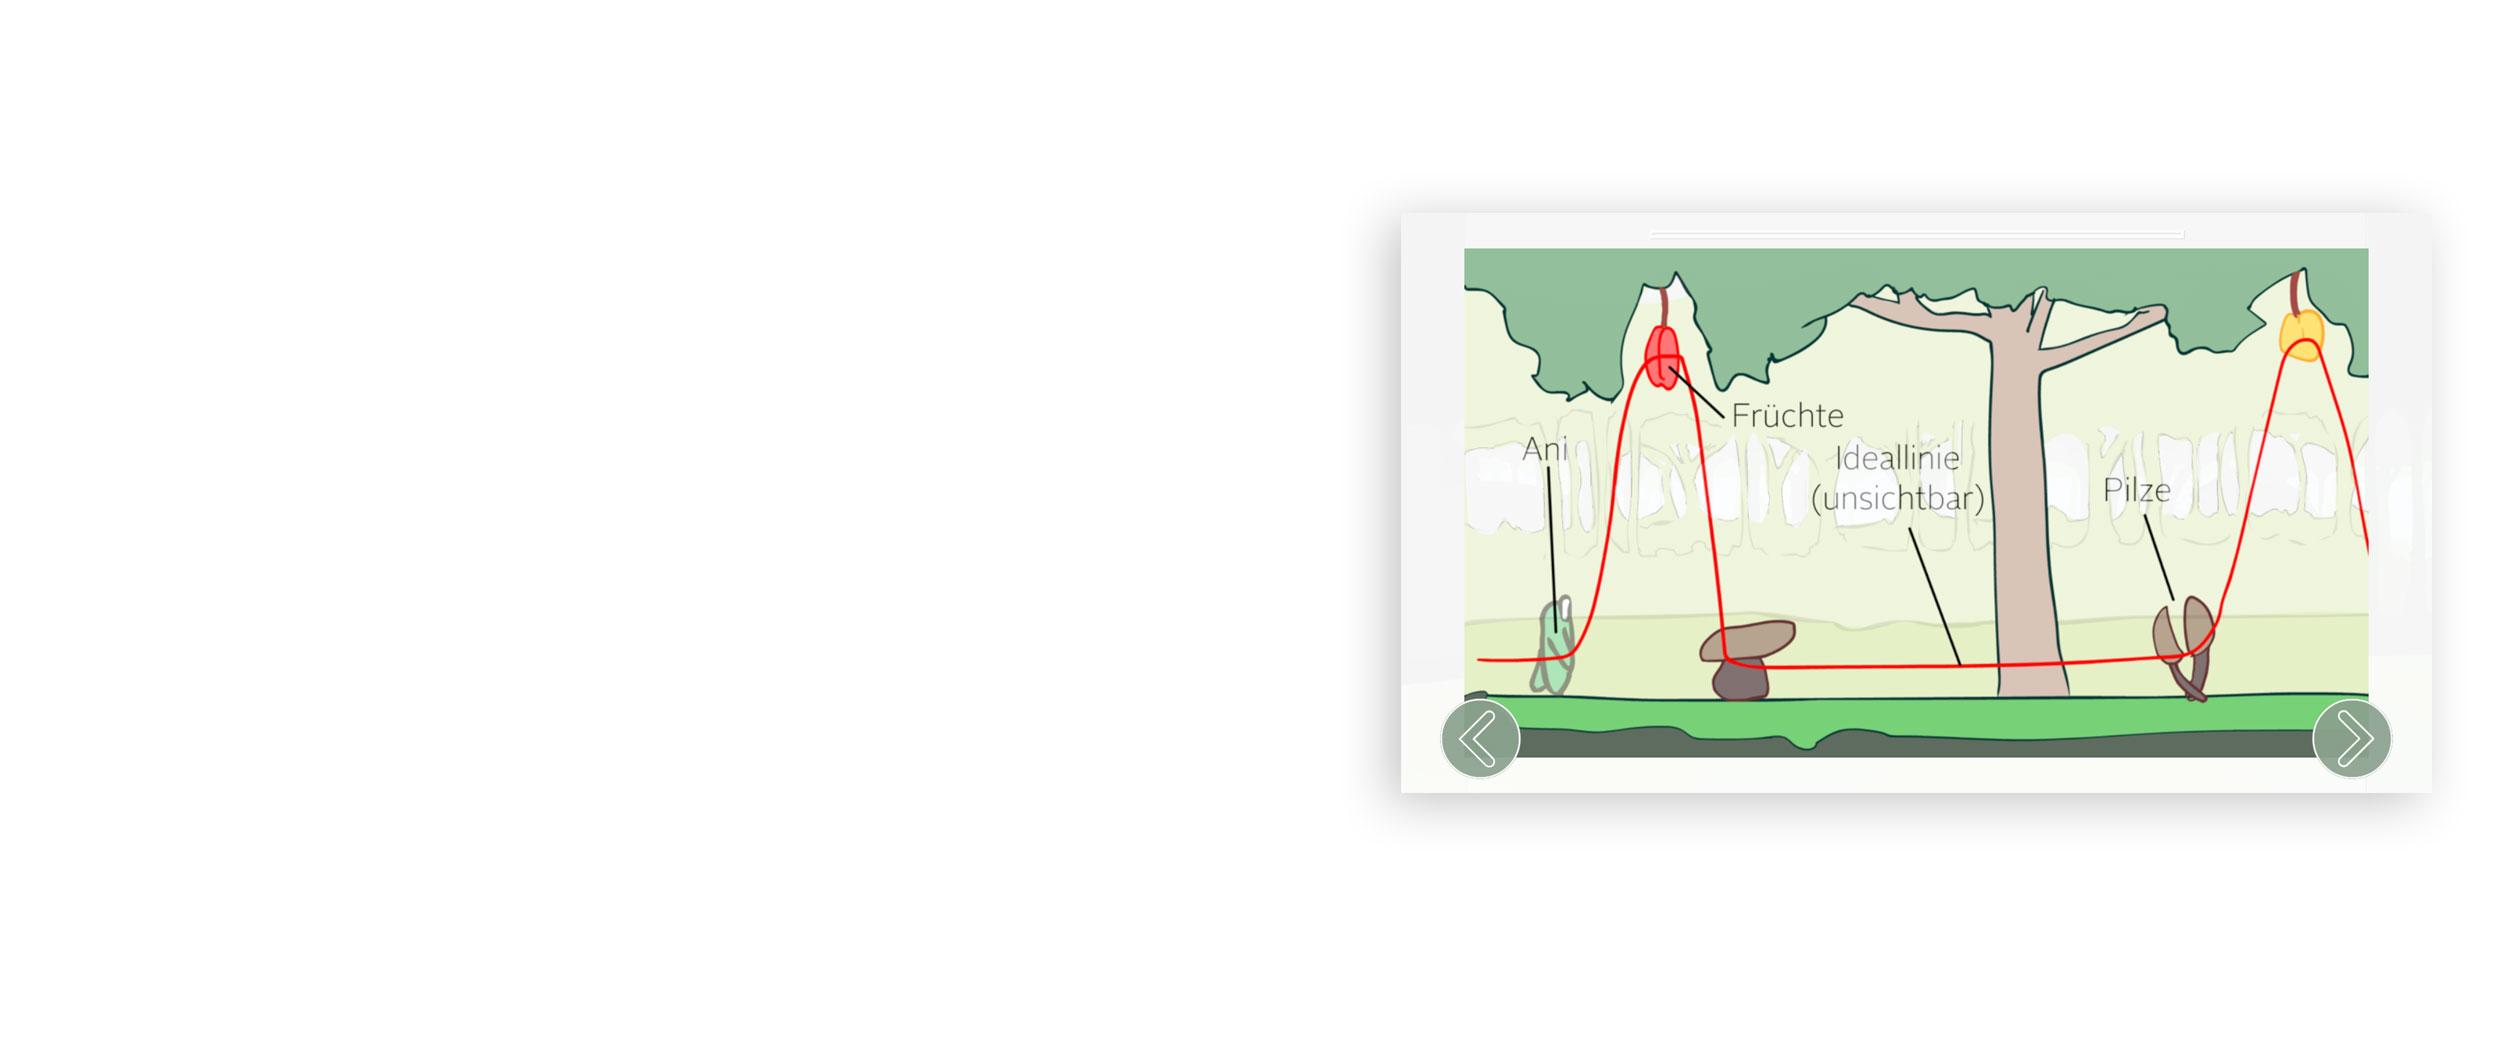 Screenshot aus der App von ACTICORE. Erklärung des Spielablaufs.